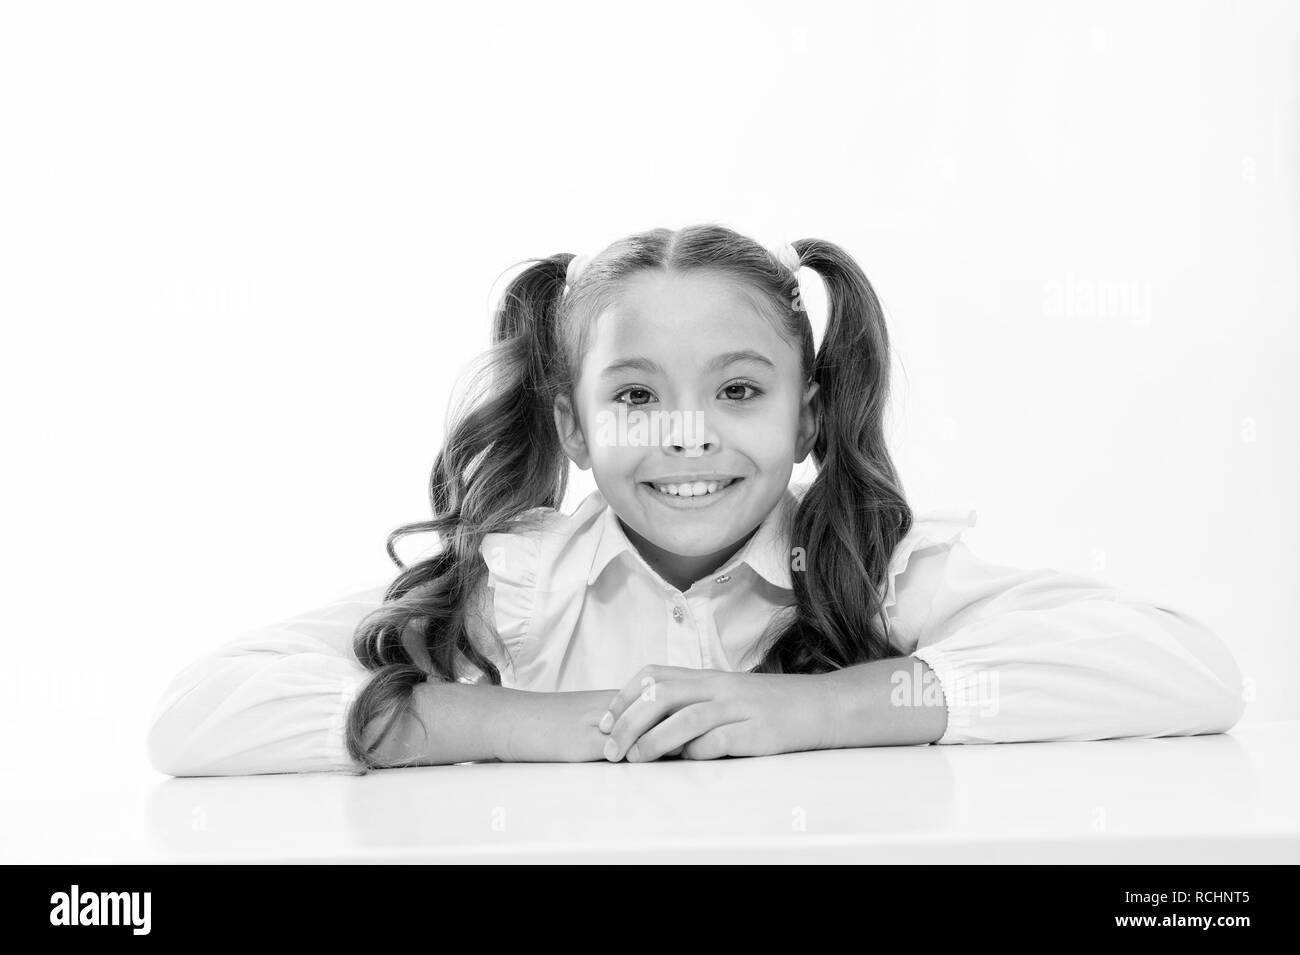 Infancia feliz. feliz infancia de niña de la escuela aislado en blanco. Imagen De Stock